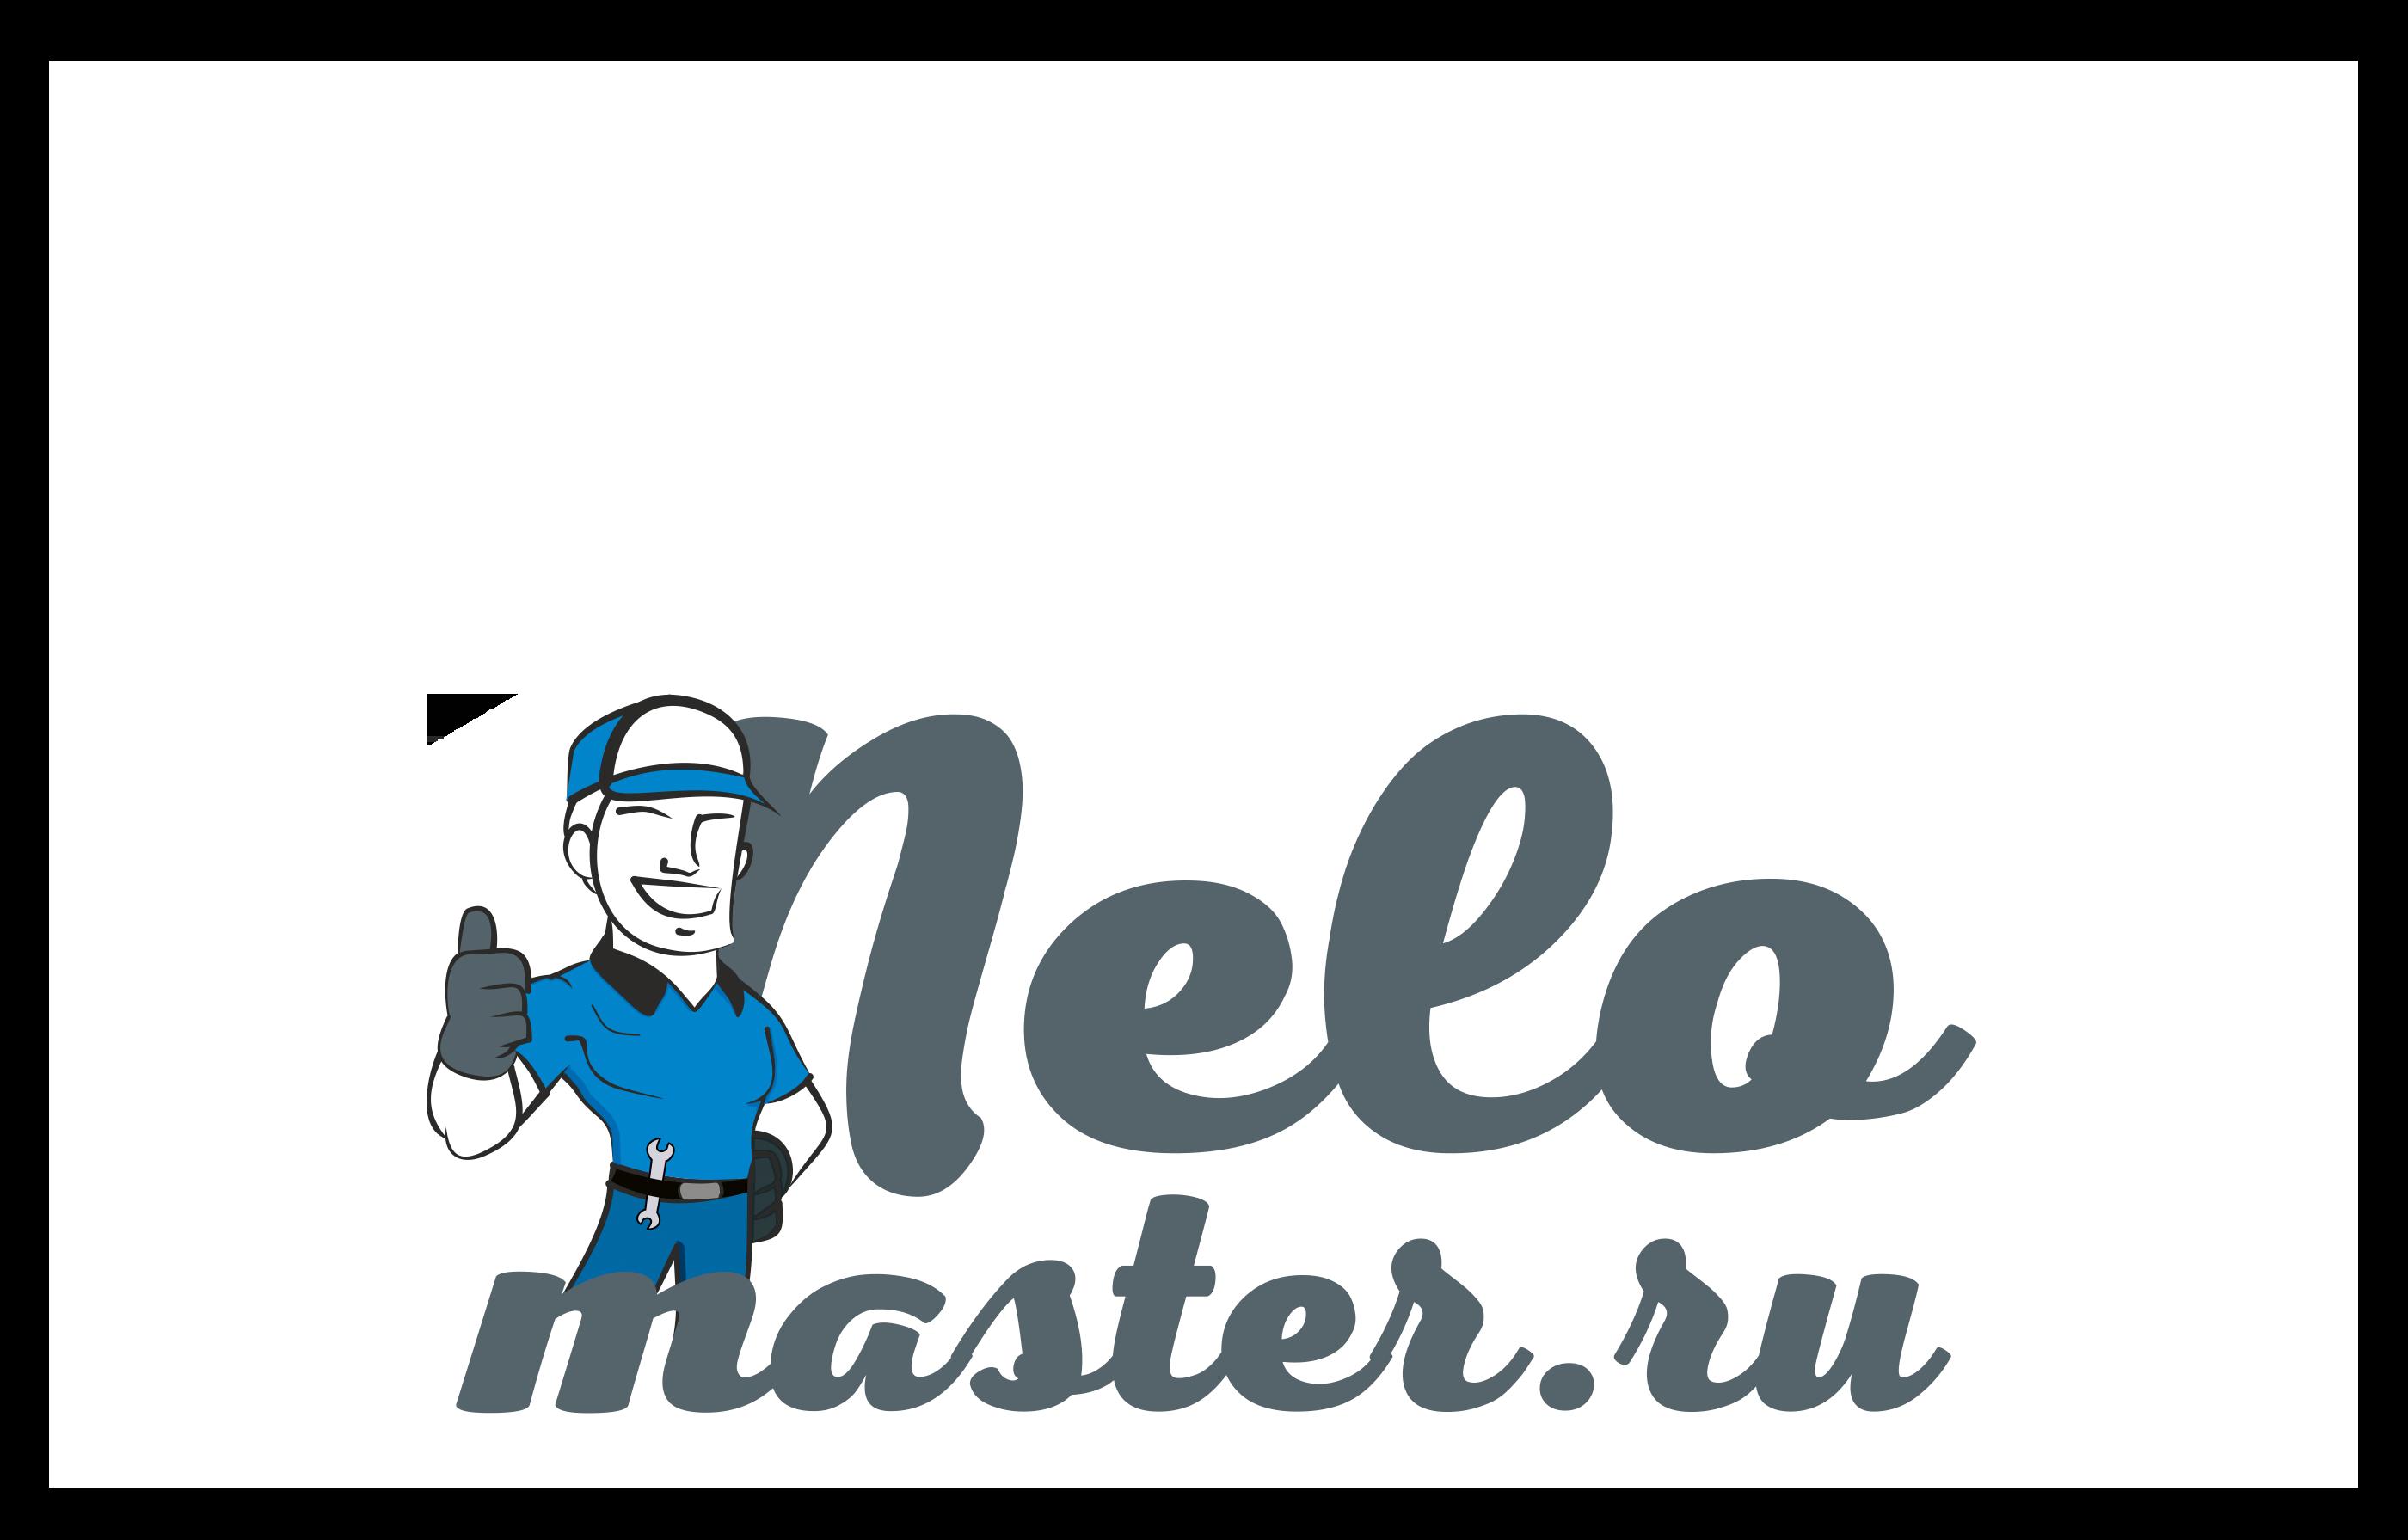 """Логотип сервиса """"Муж на час""""=""""Мужская помощь по дому"""" фото f_6605dbd872f6febd.png"""